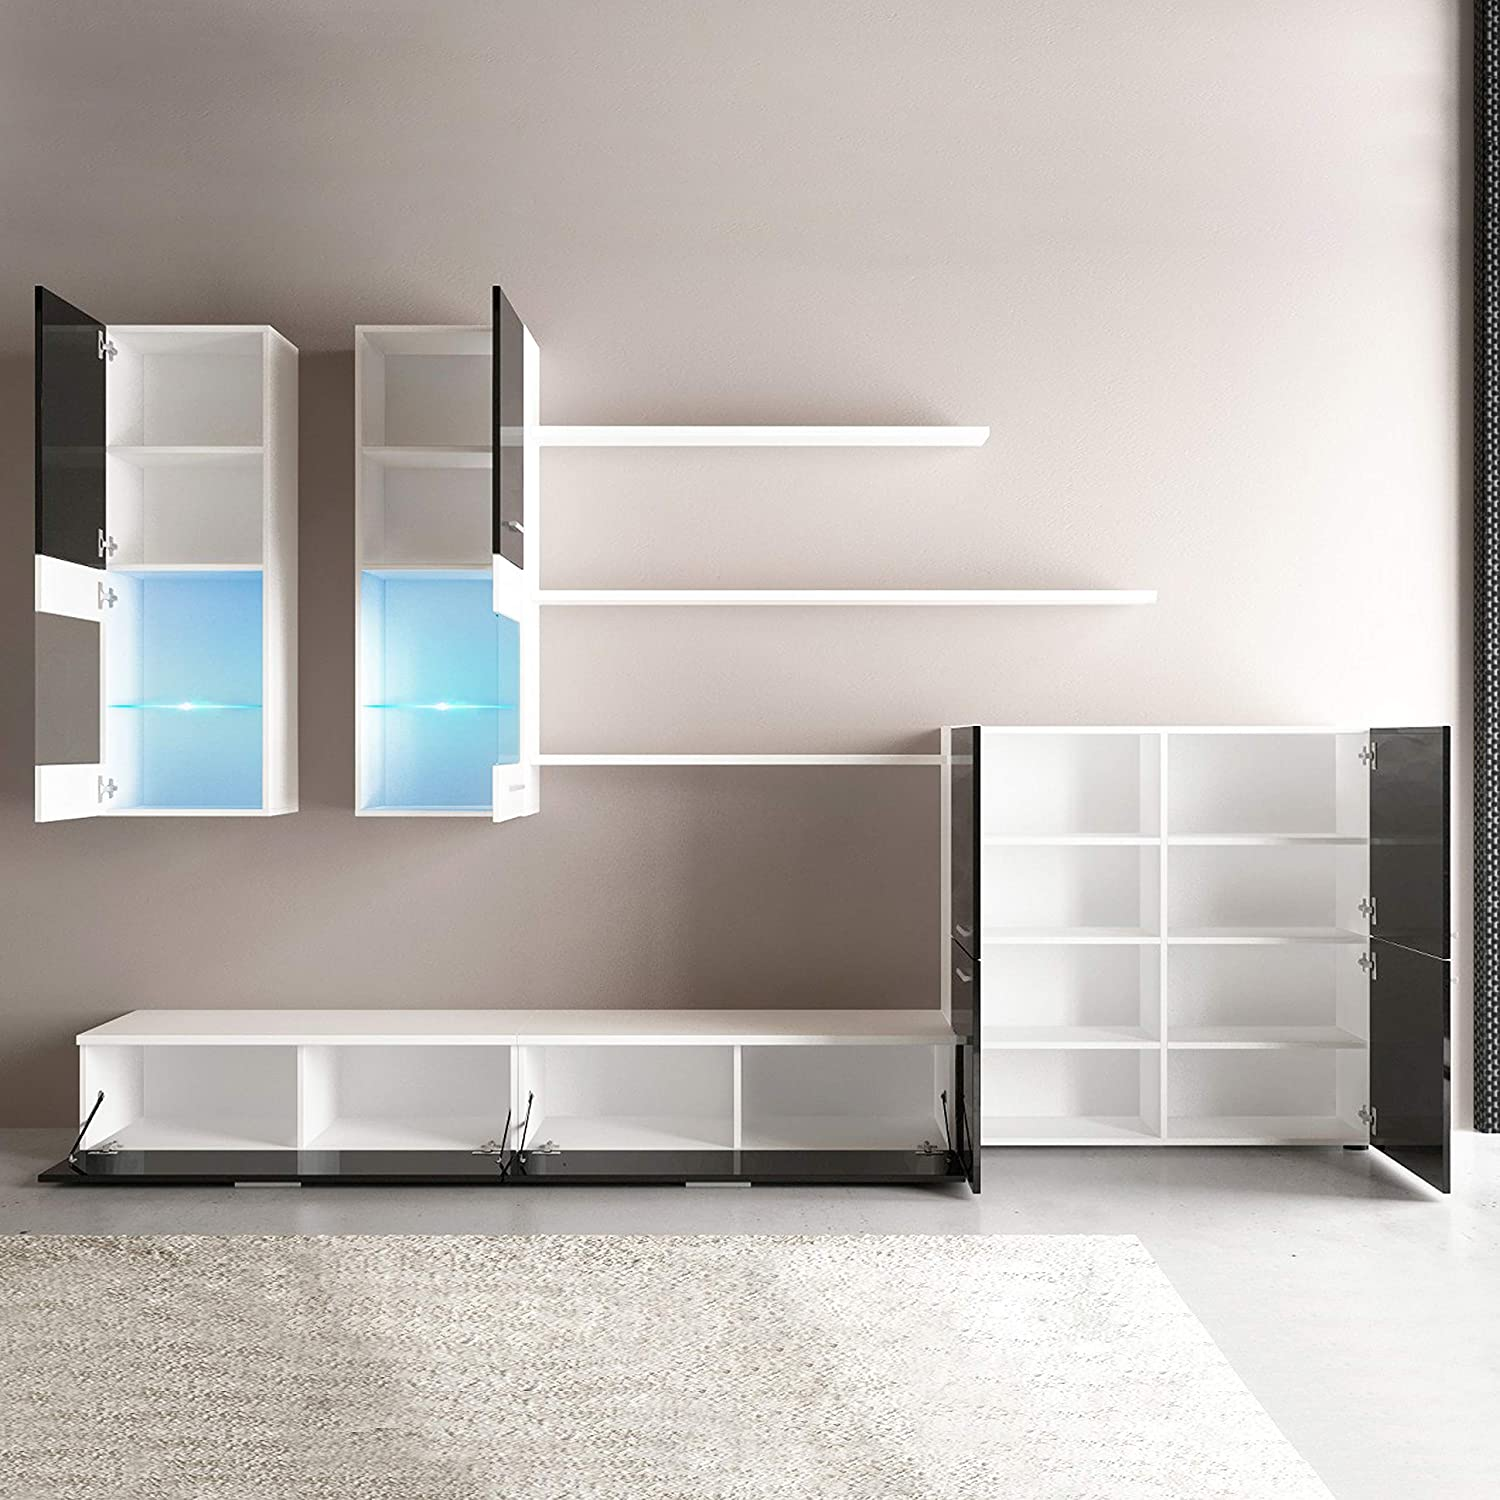 Mueble Comedor Moderno, Salón con Luces Led, Acabado en Negro Brillo Lacado y Blanco Mate, Medidas: 300 cm (Ancho) x 189 cm (Alto) x 42 cm (Fondo)